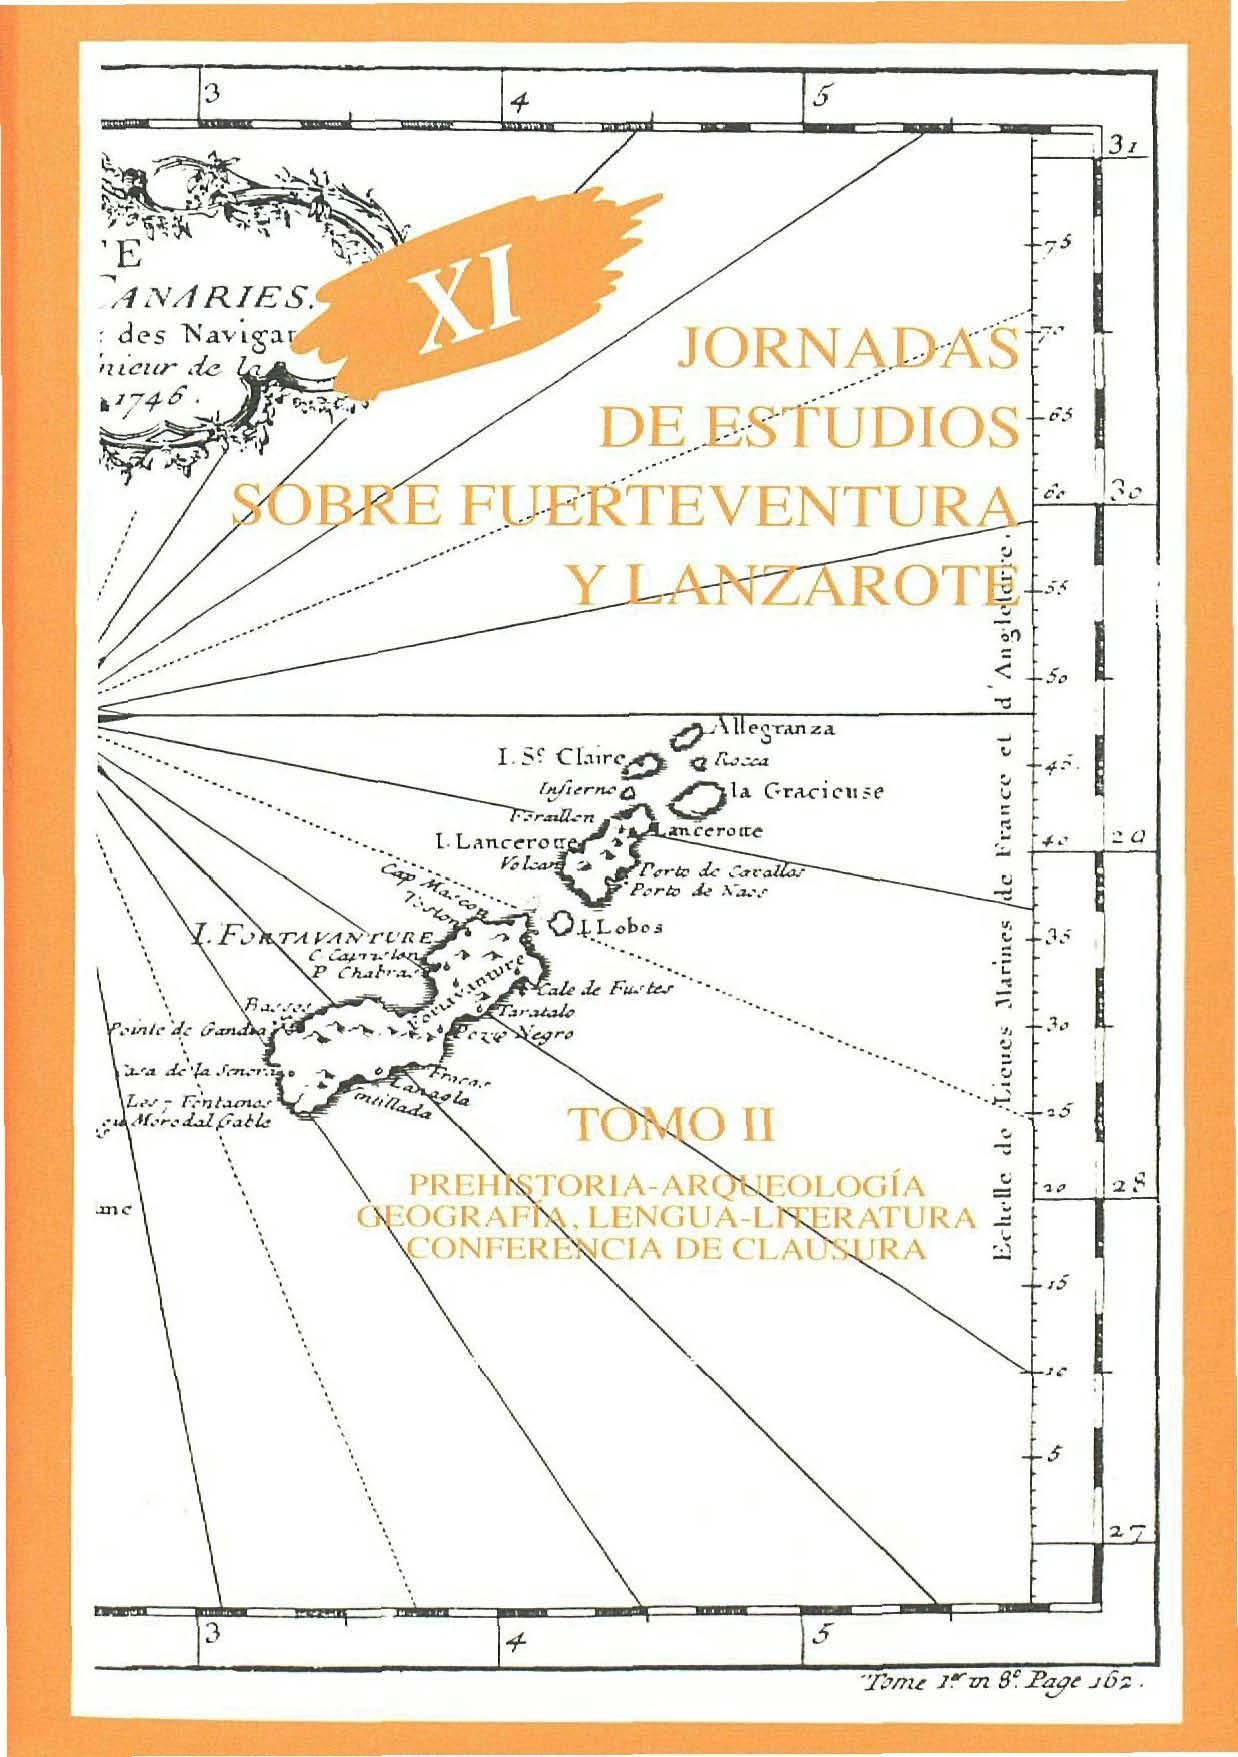 La visión anglosajona sobre Fuerteventura y Lanzarote